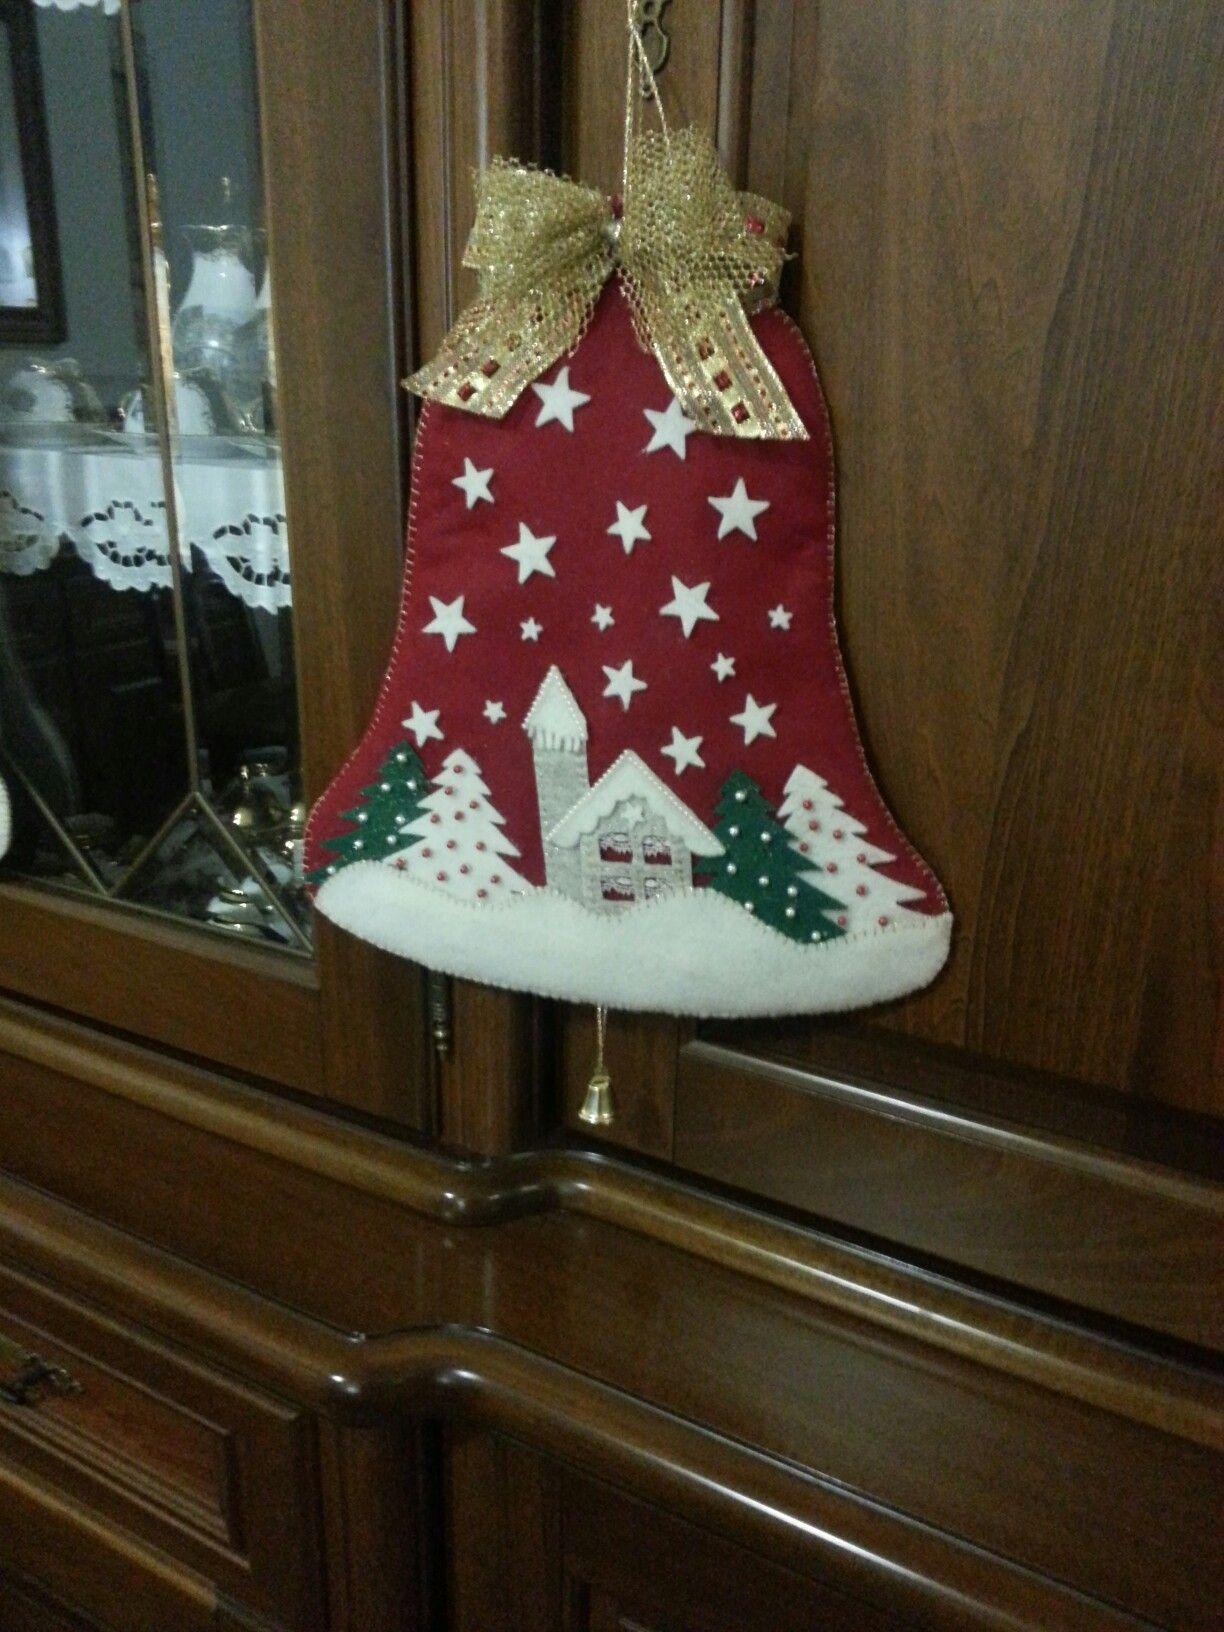 Manualidades De Navidad Campanas.Campana Navidena Manualidades Navidad Adornos Navidad